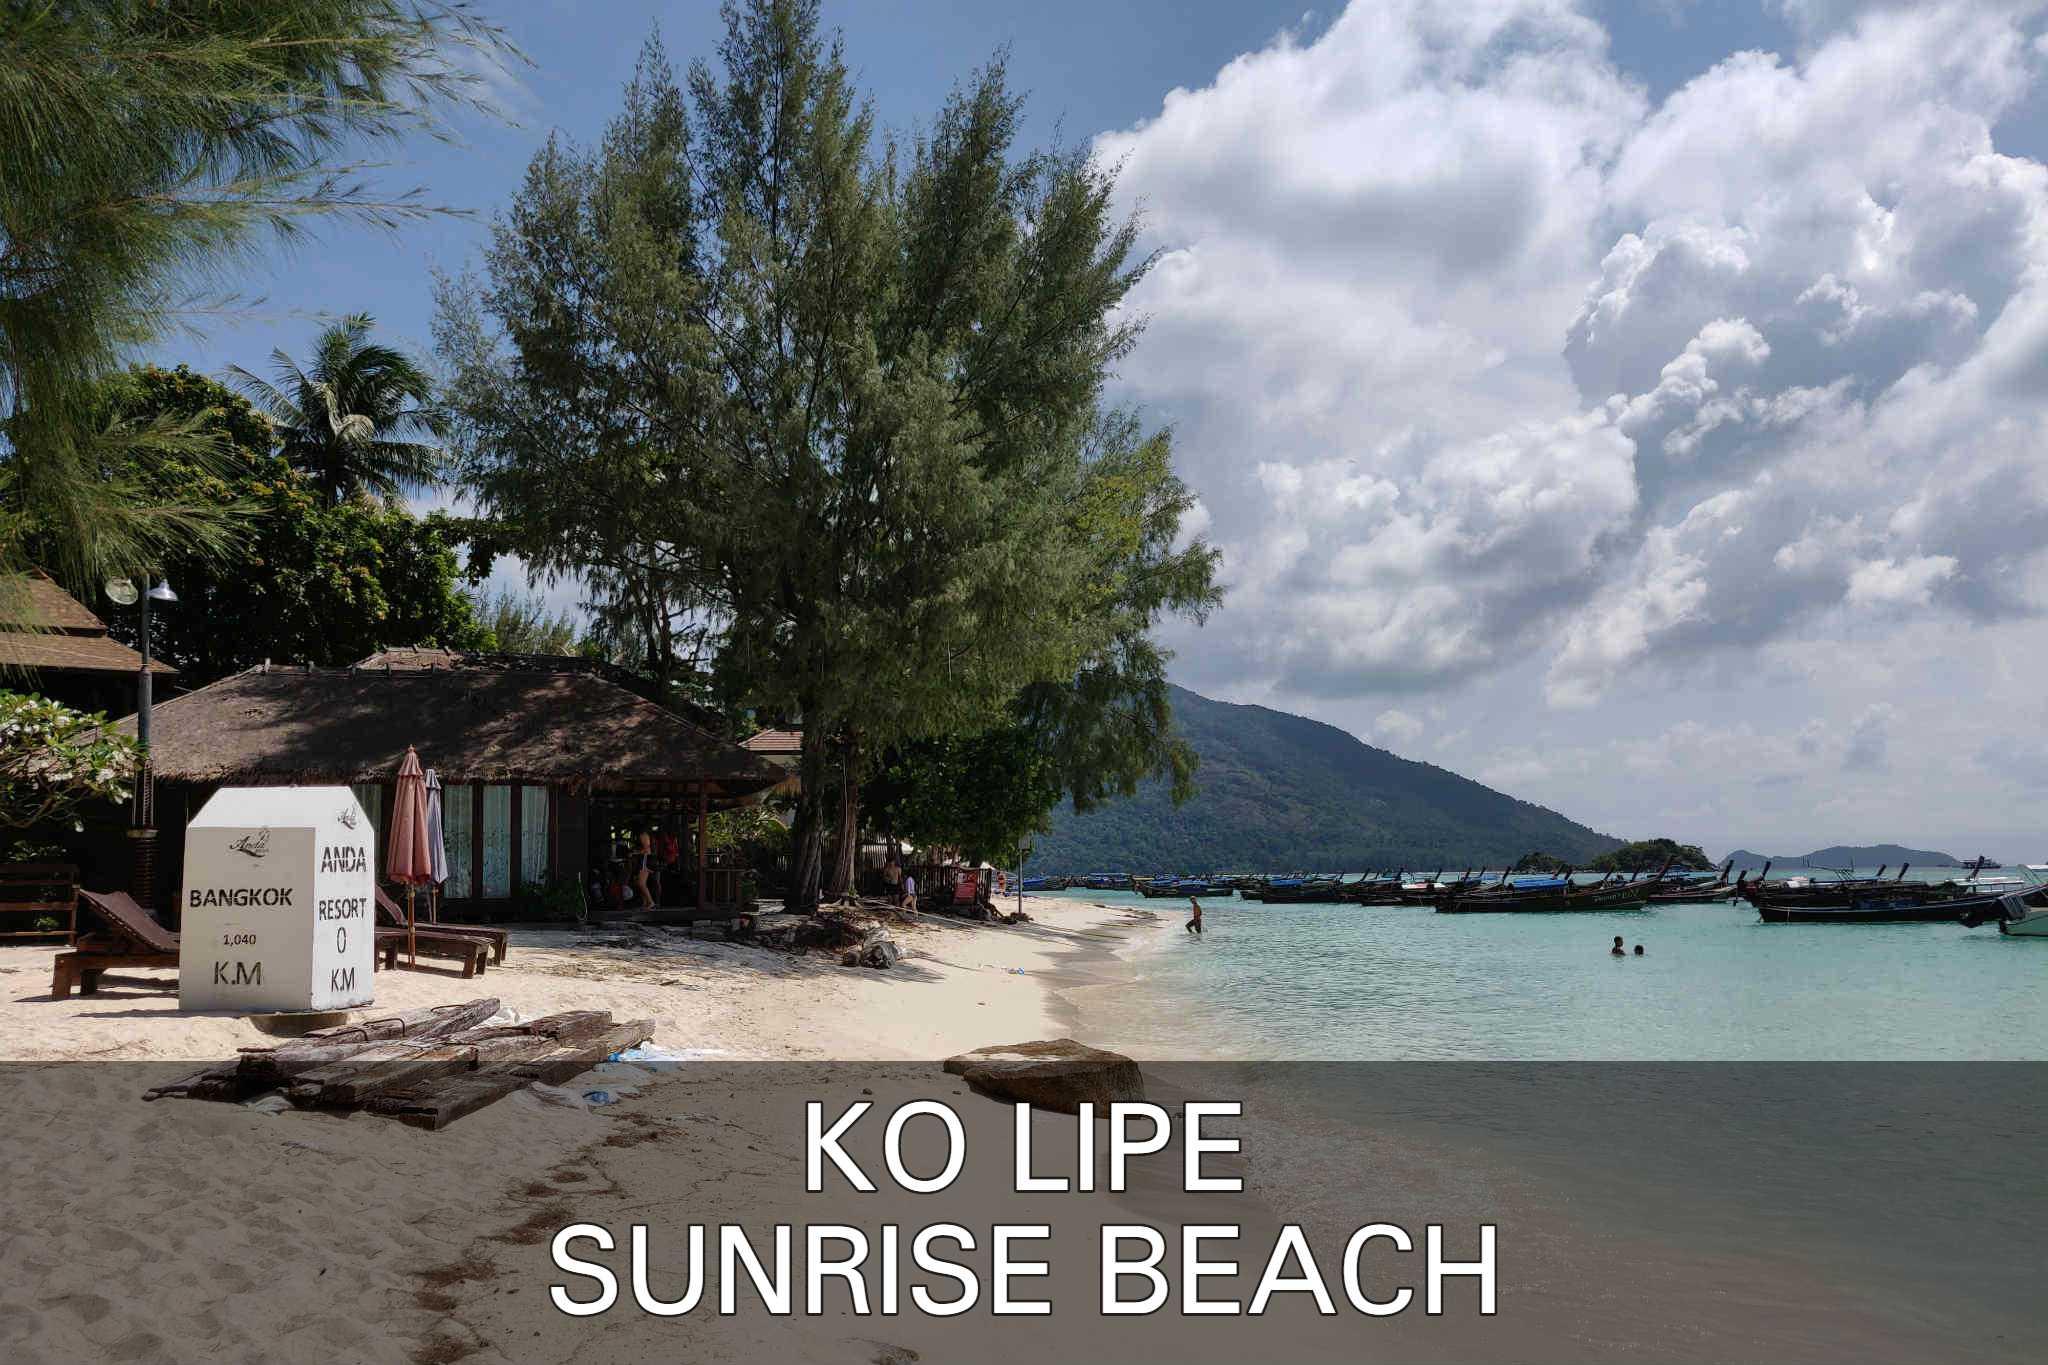 Sunrise Beach In Ko Lipe